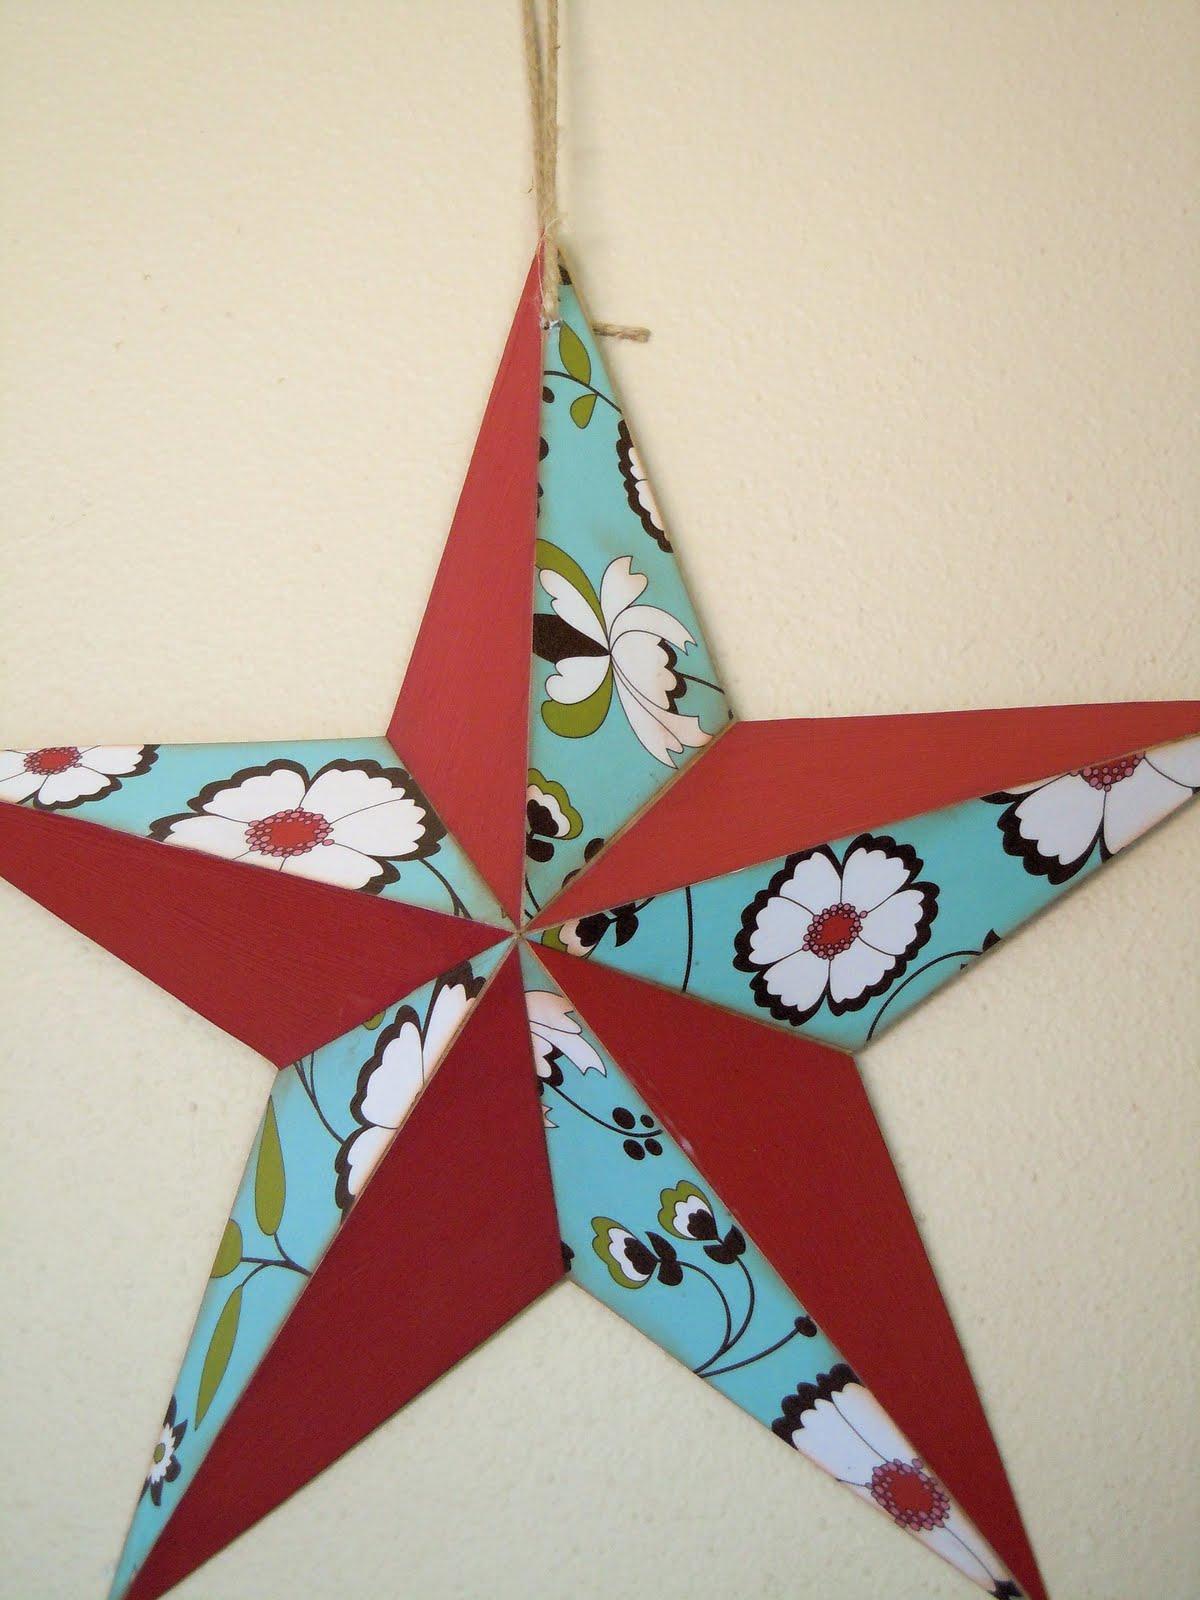 http://1.bp.blogspot.com/-LdNBQXEiq-I/TiBq7PamXRI/AAAAAAAABpo/pACeEBWexhU/s1600/finished+star+4.jpg